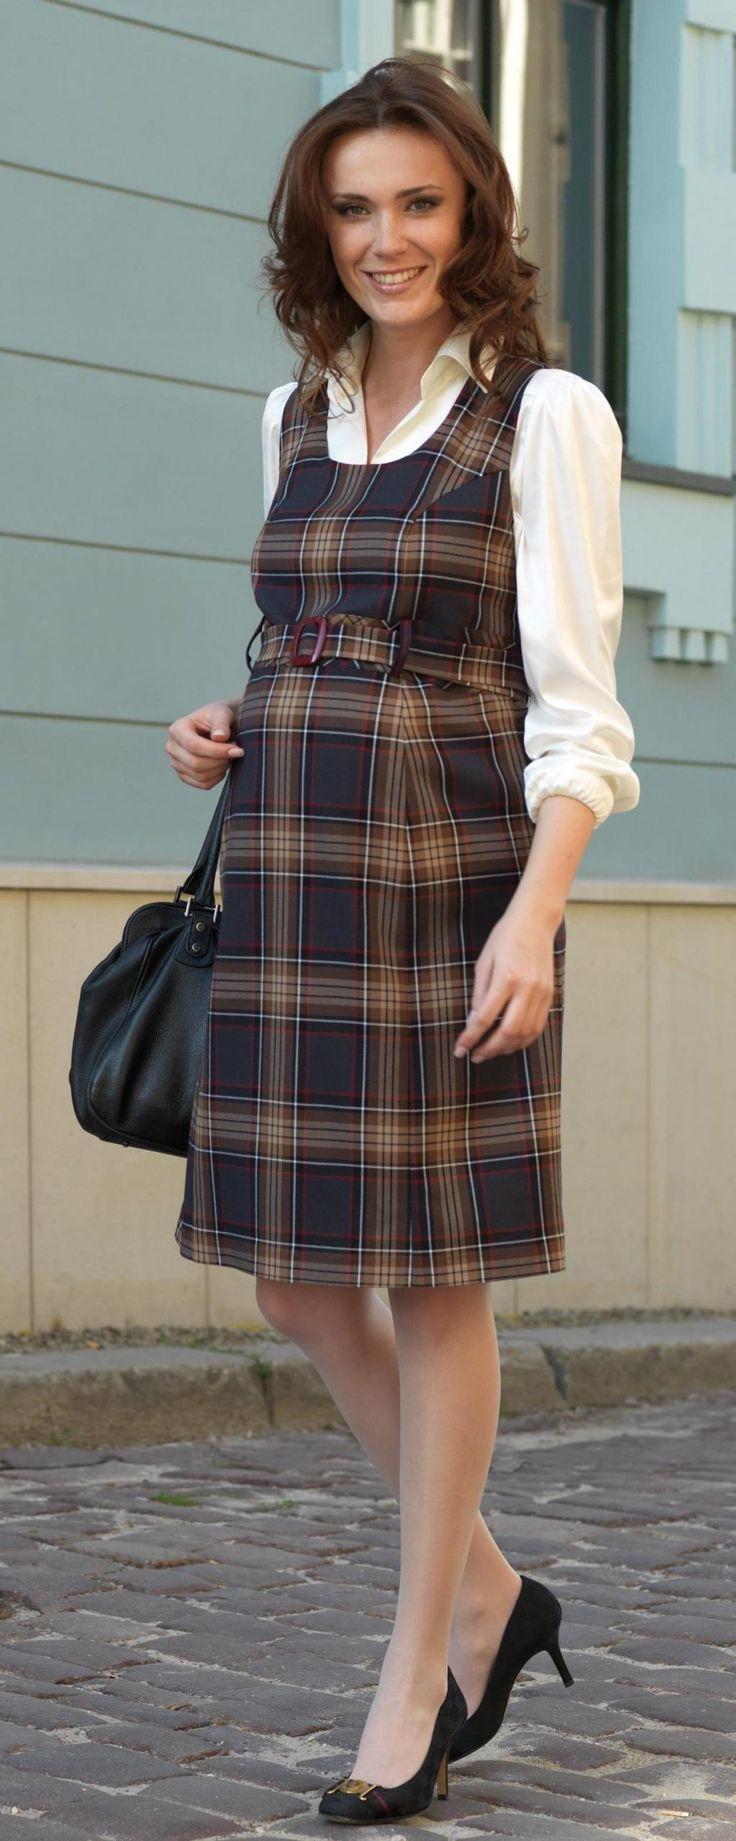 Těhotenské šaty Trendi hnědá :: Těhotenské šaty - Těhotenská móda